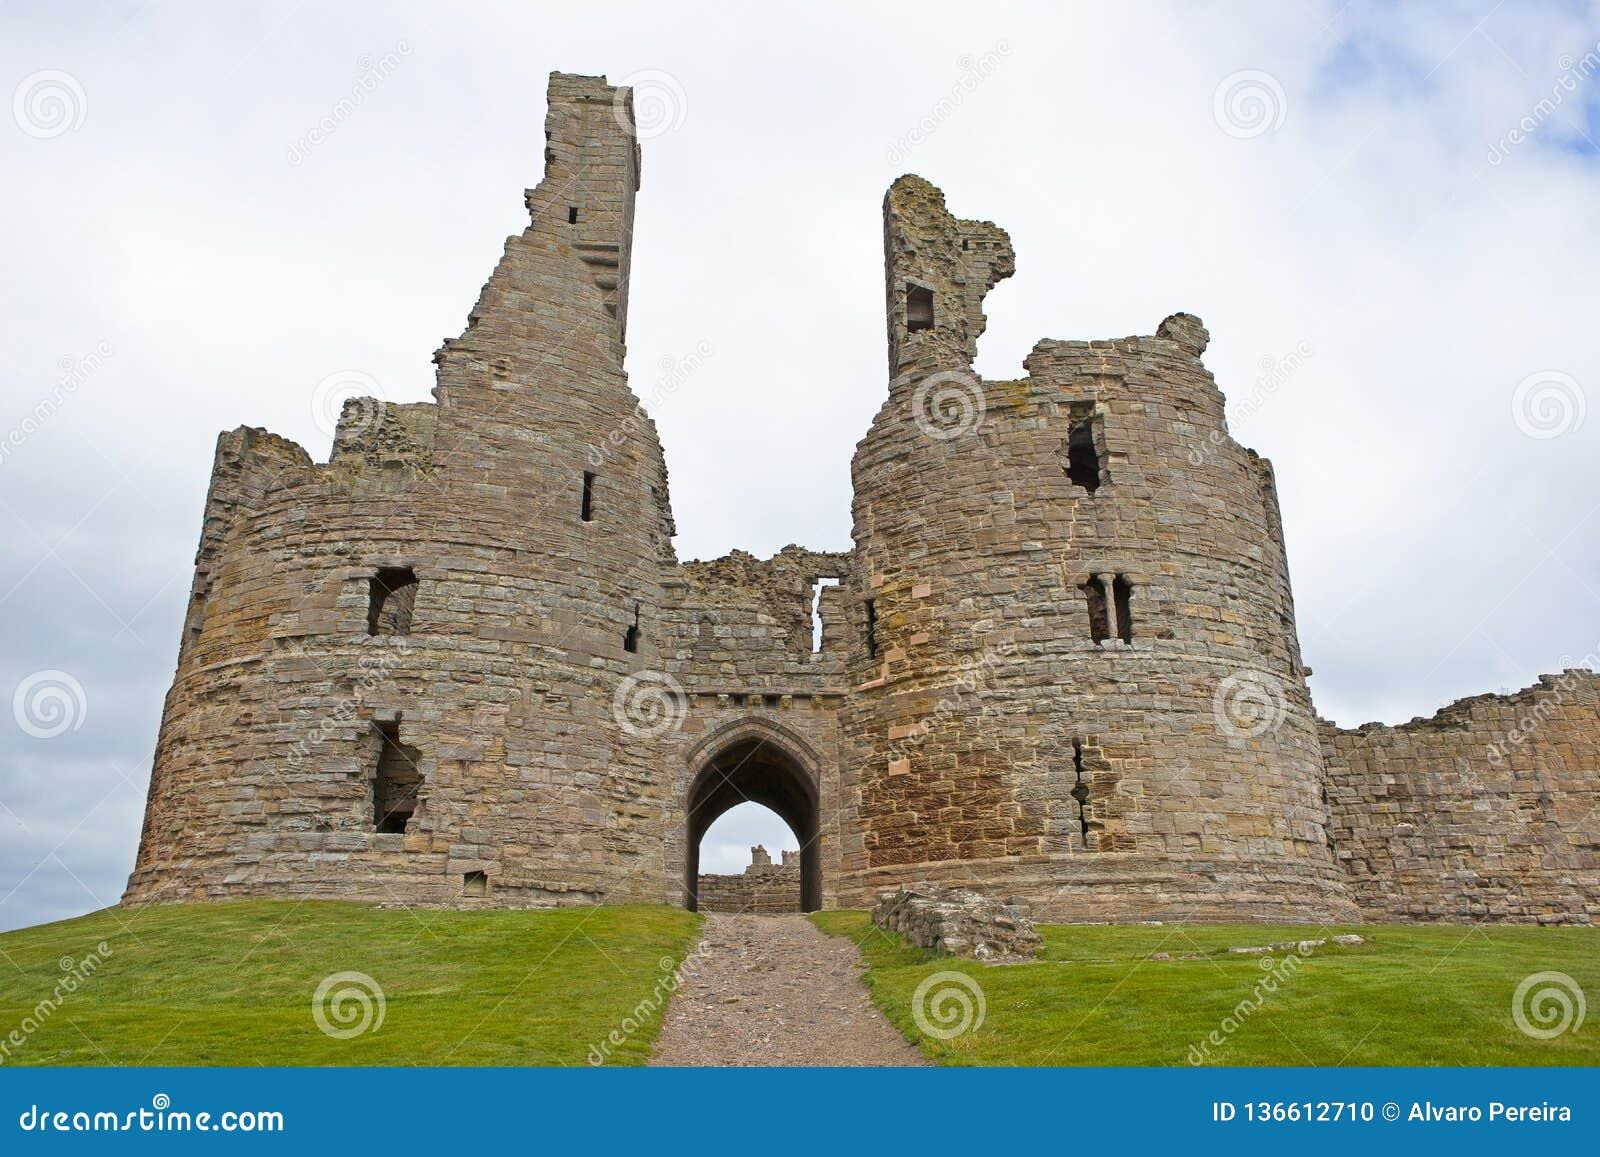 Dunstanburgh Castle - the ruins